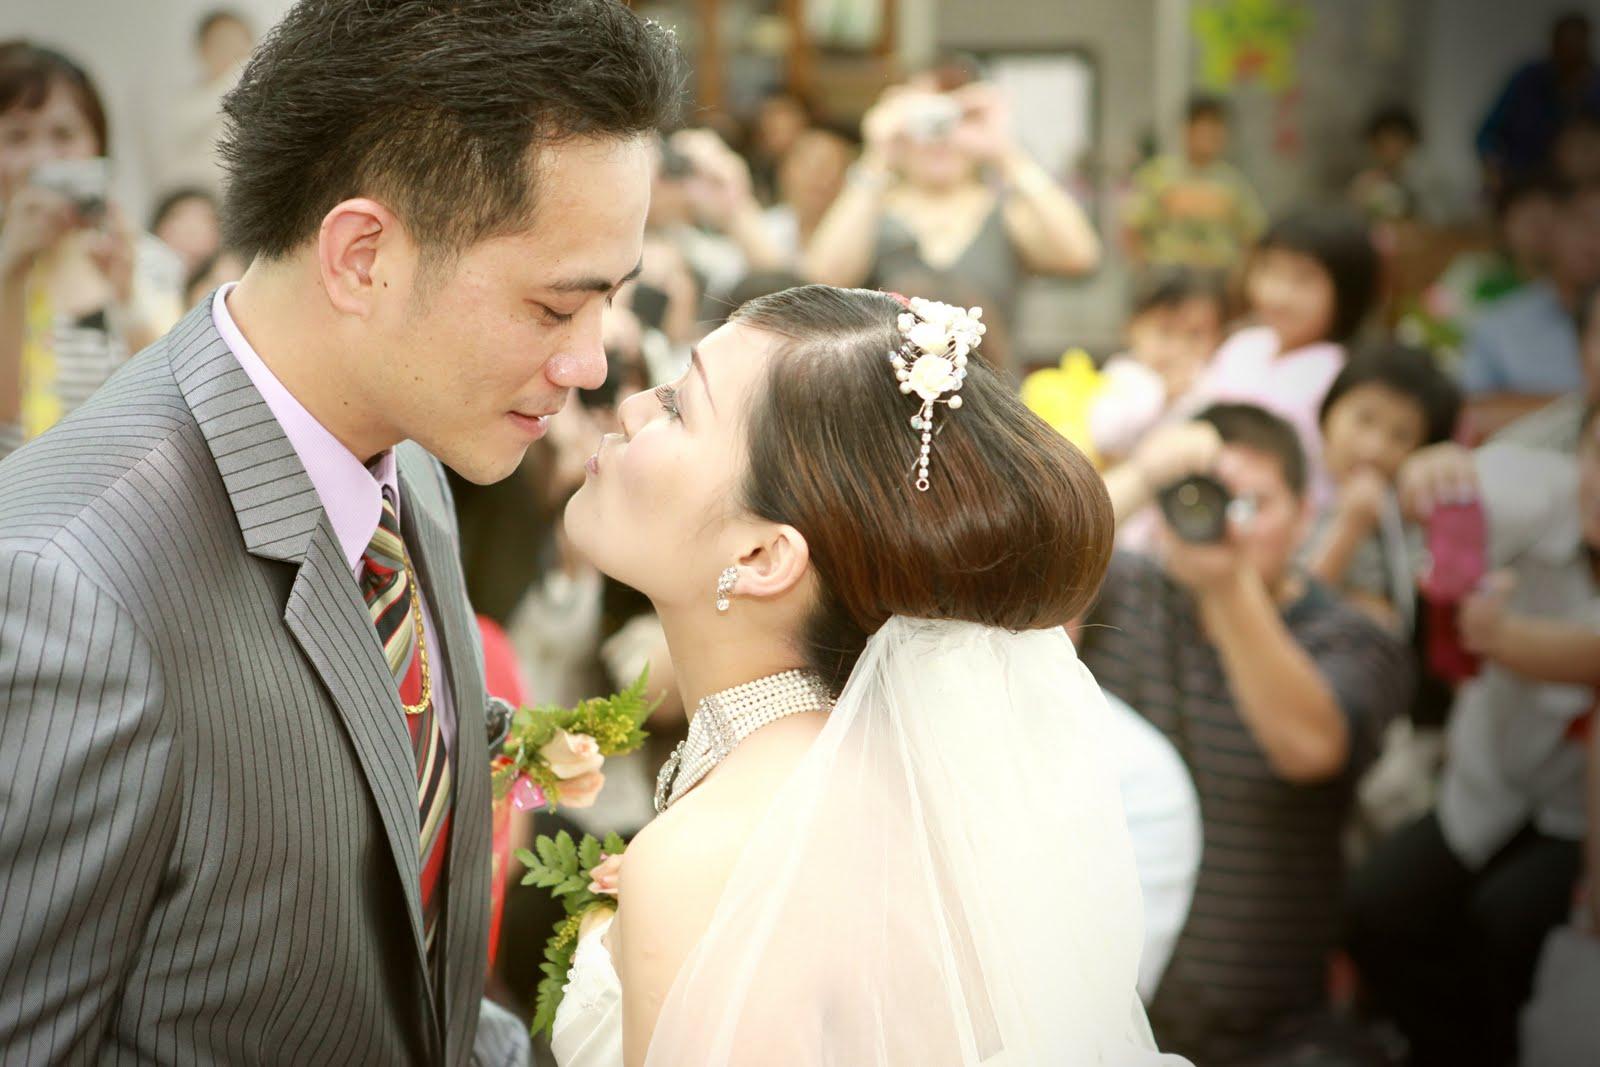 婚禮攝影紀錄 / 新竹風城之月 / 迎娶+宴客 * 囍堂 影像視務所 ( 婚禮攝影/ 婚禮錄影 / 商業攝影 / 活動記錄 )